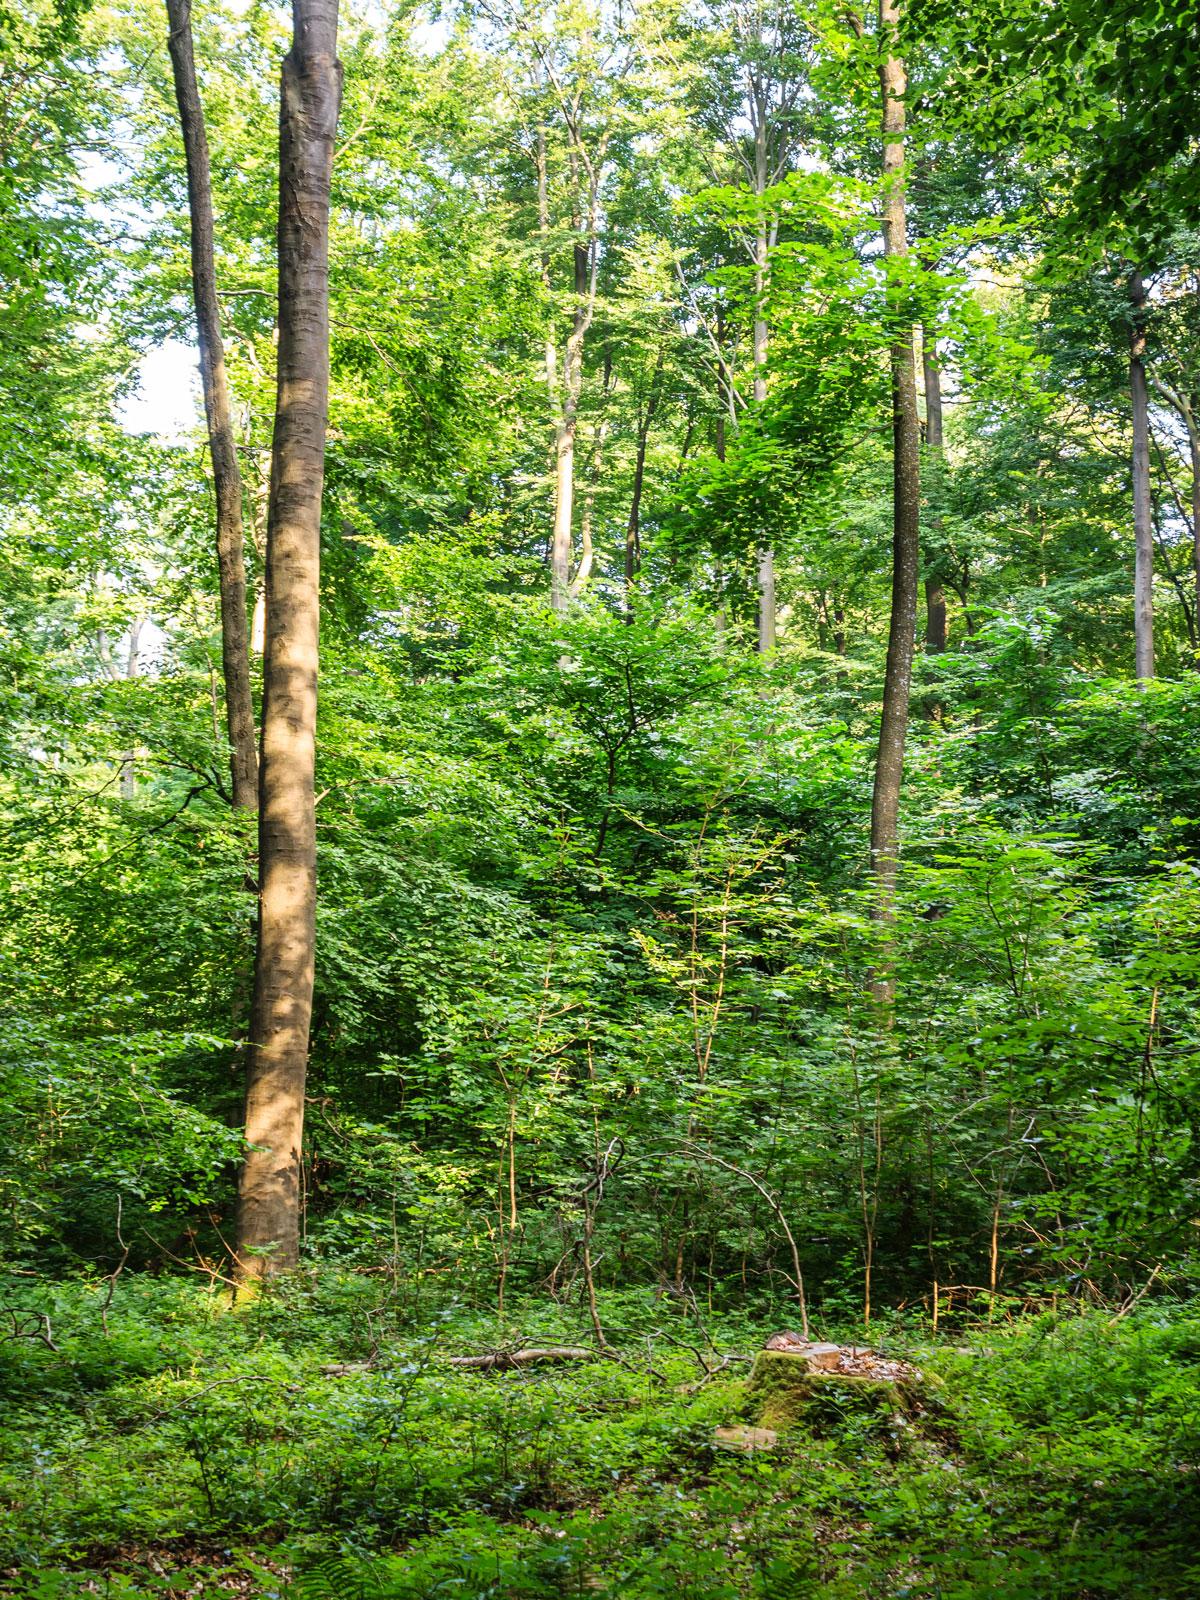 einzelner Baumstumpf im Vordergrund